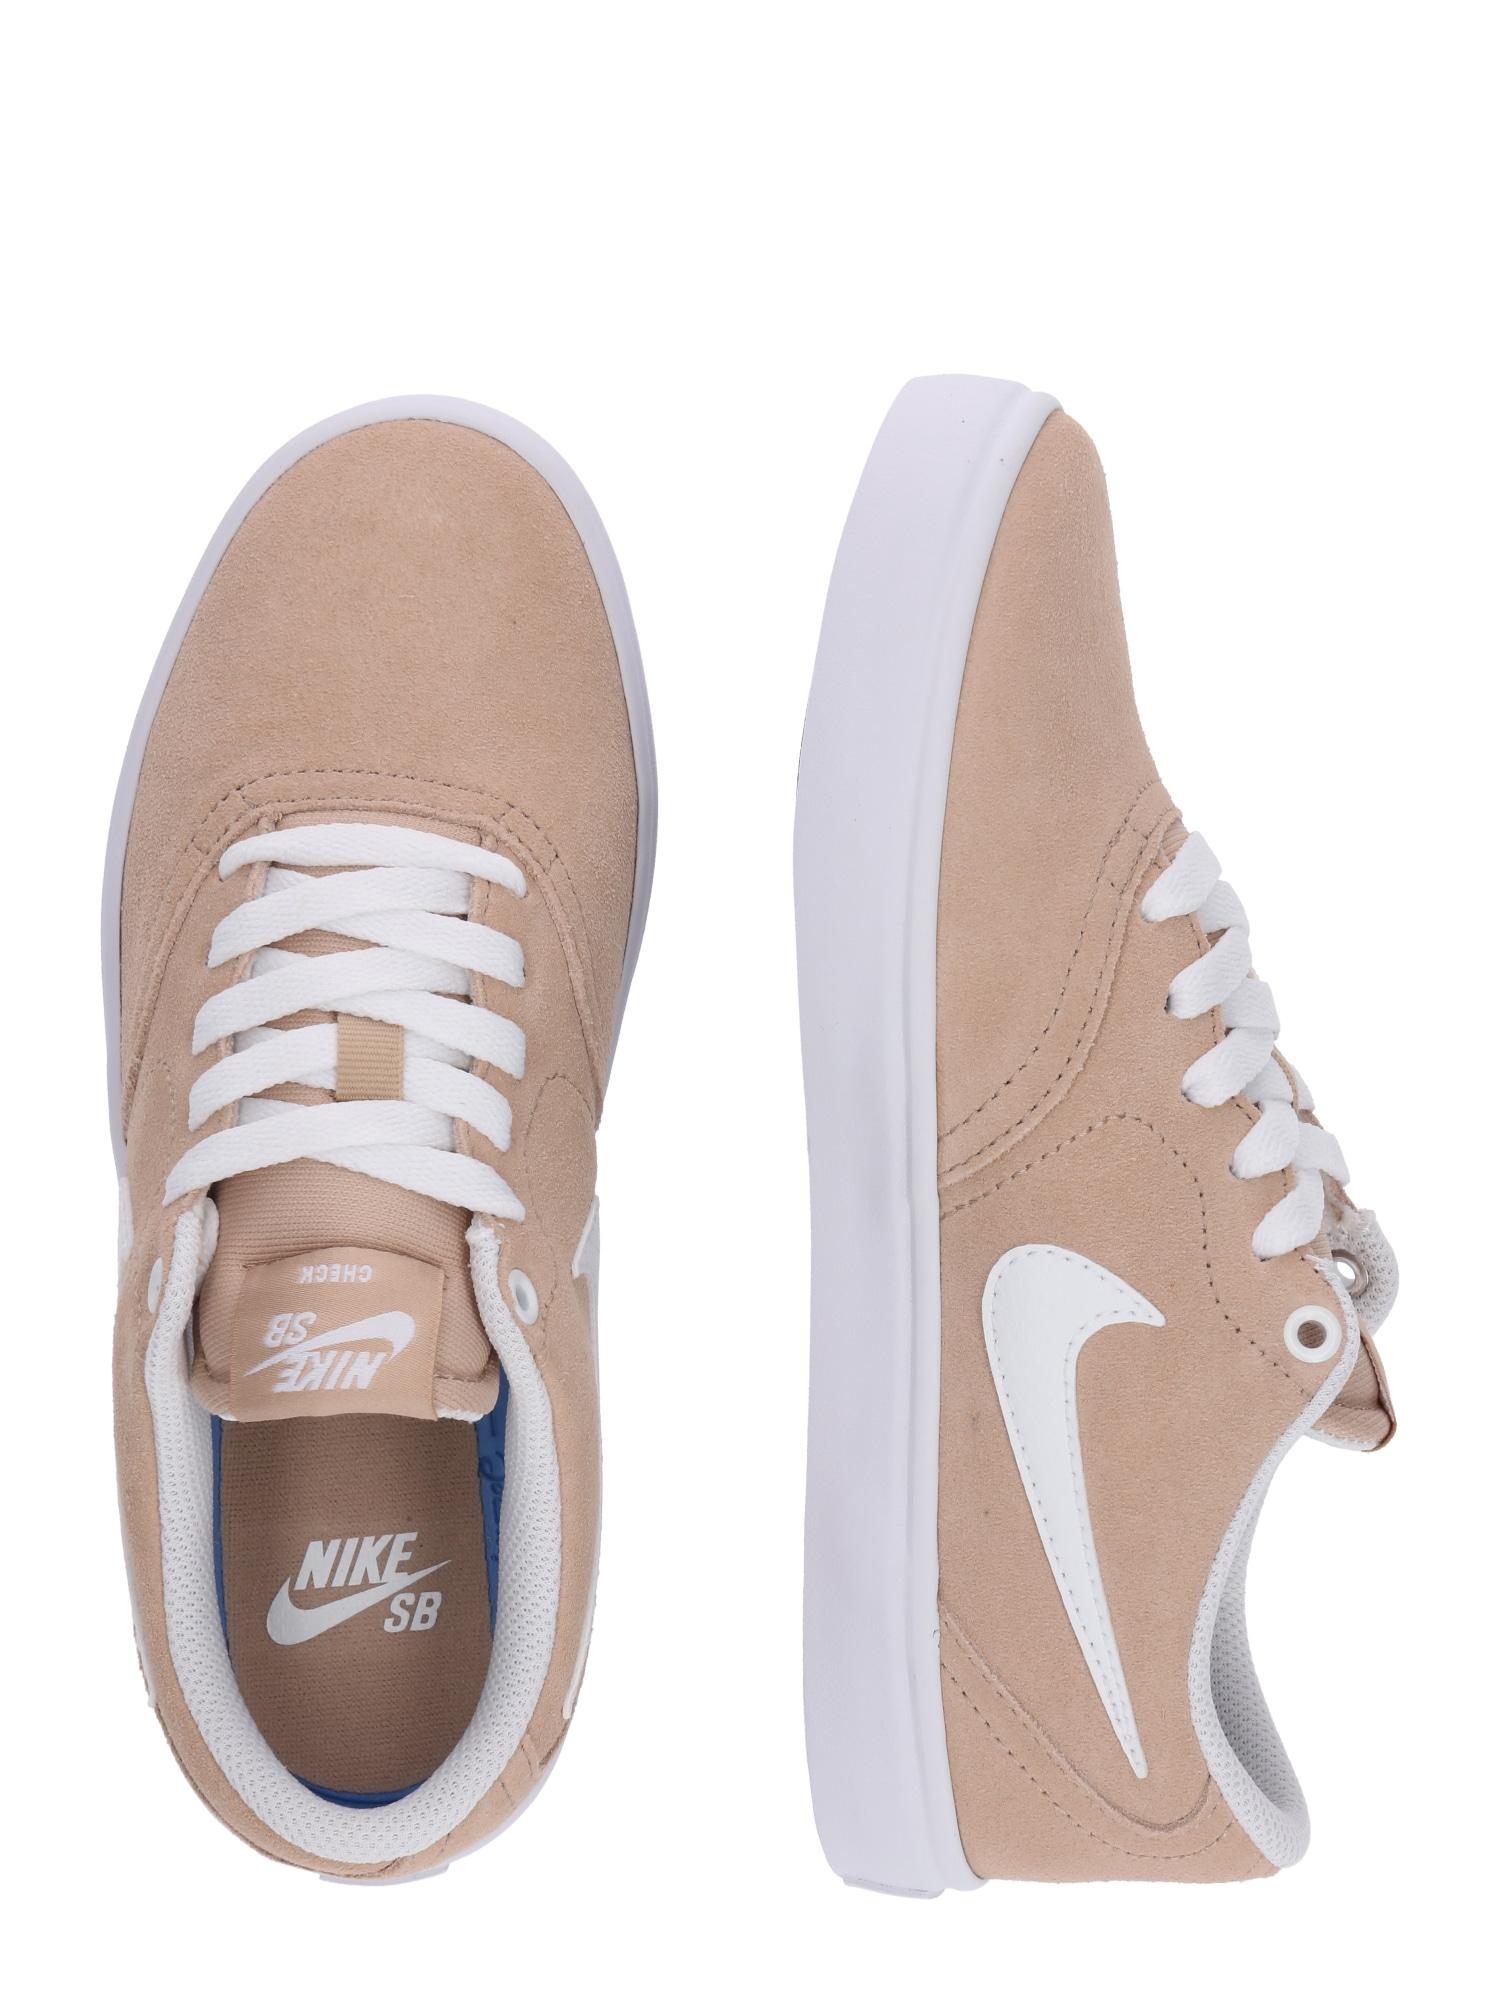 Nike SB, Damen Sneakers laag Check Solar, poederroze / wit